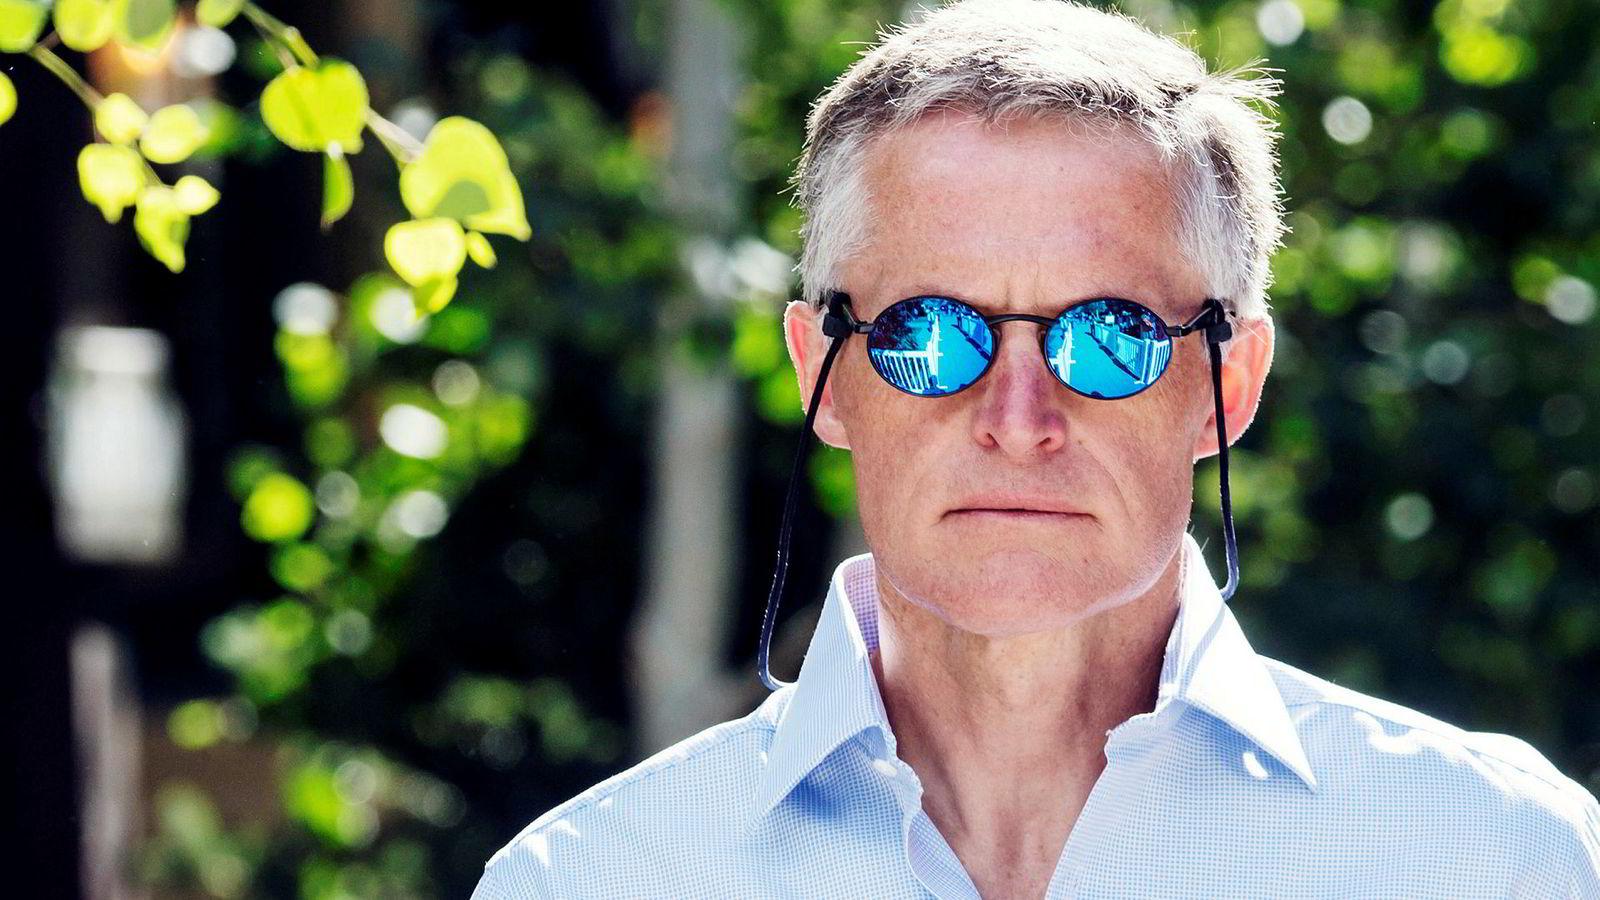 Den norske hedgefondsjefen Ole Andreas Halvorsen er god for 3,7 milliarder dollar (33 milliarder kroner), ifølge Forbes.